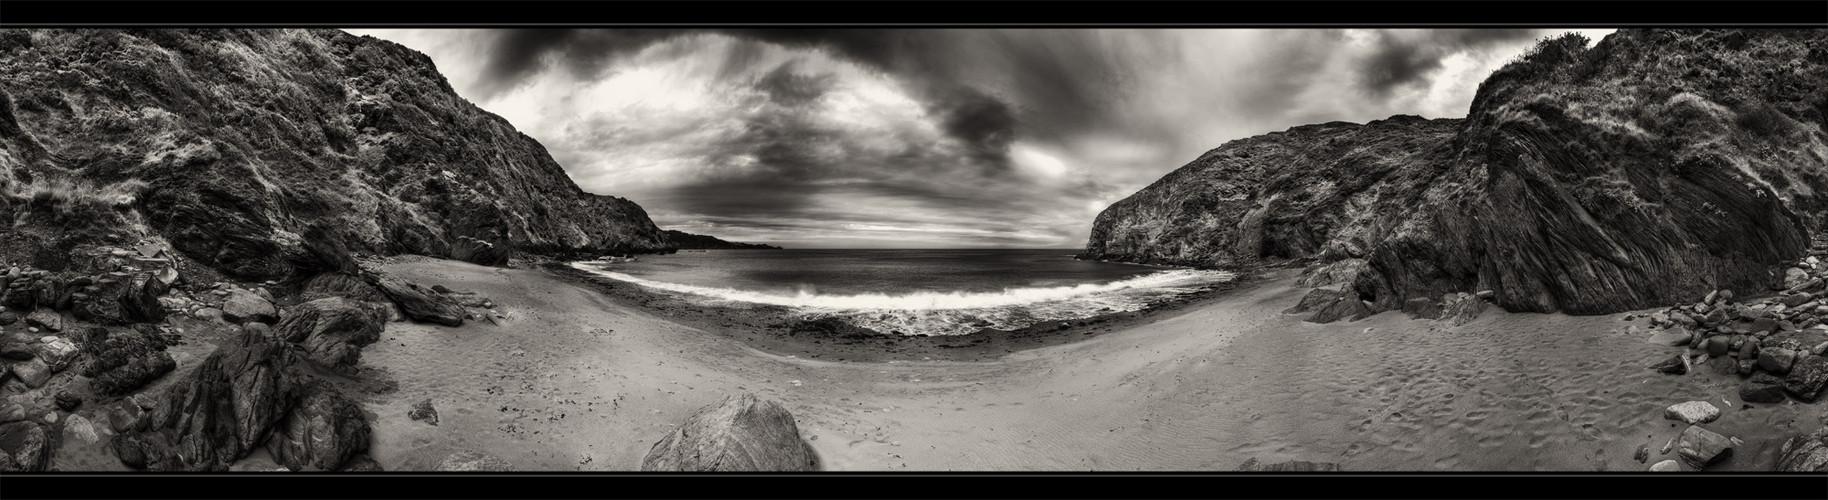 Wild Pear Beach